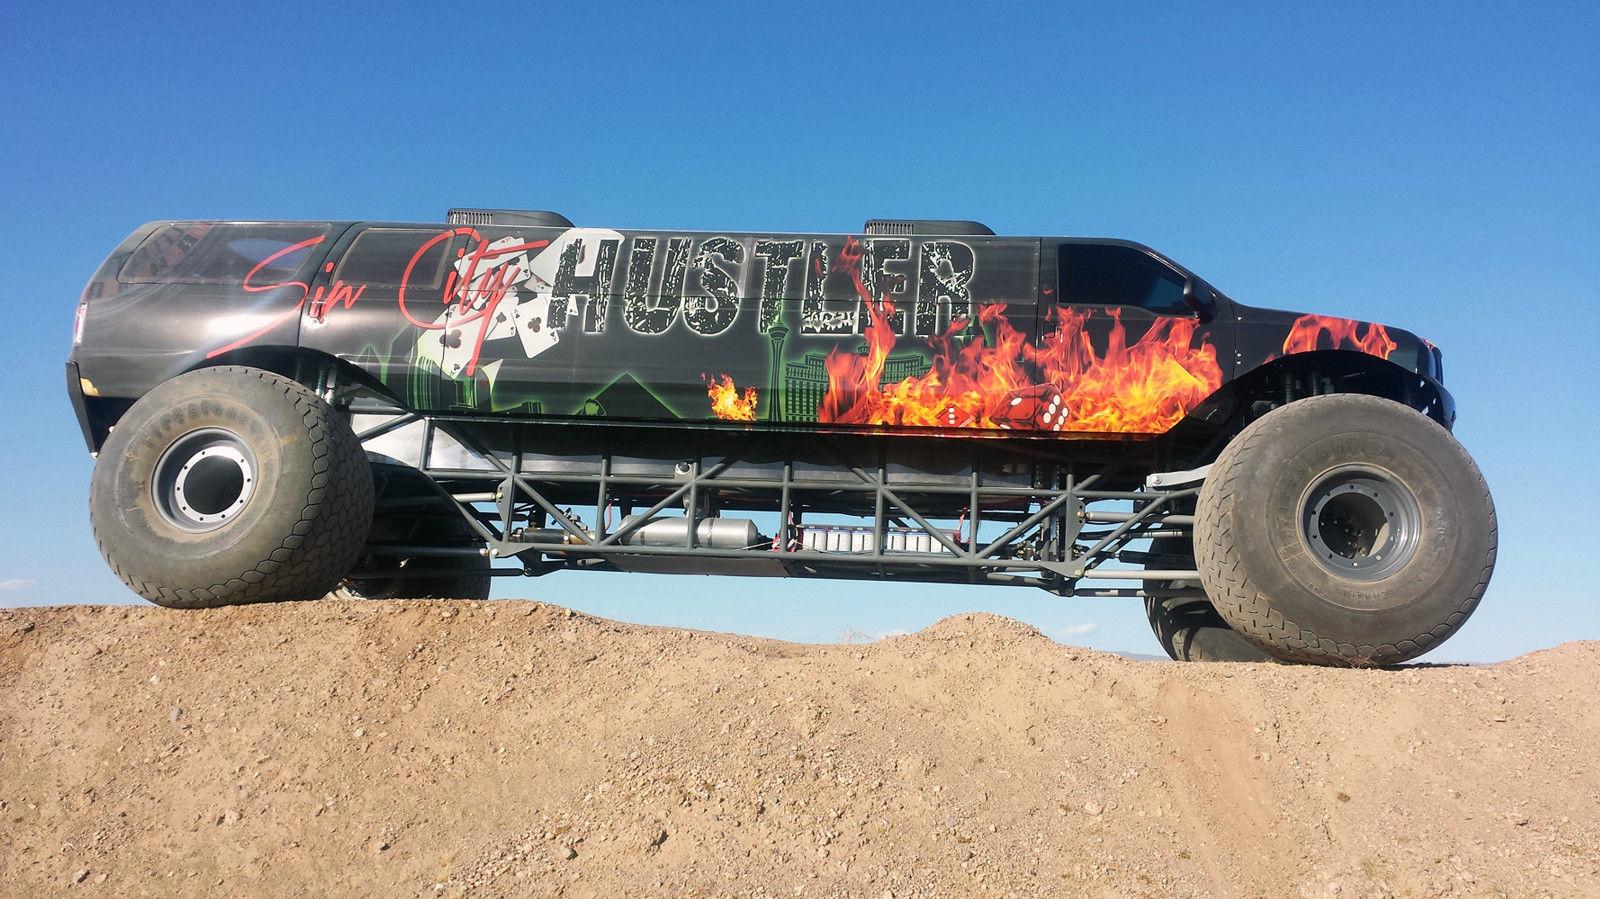 Buy The World's Longest Monster Truck – The Sin City Hustler Is Being Sold For One MILLION Dollars (Not Kidding)